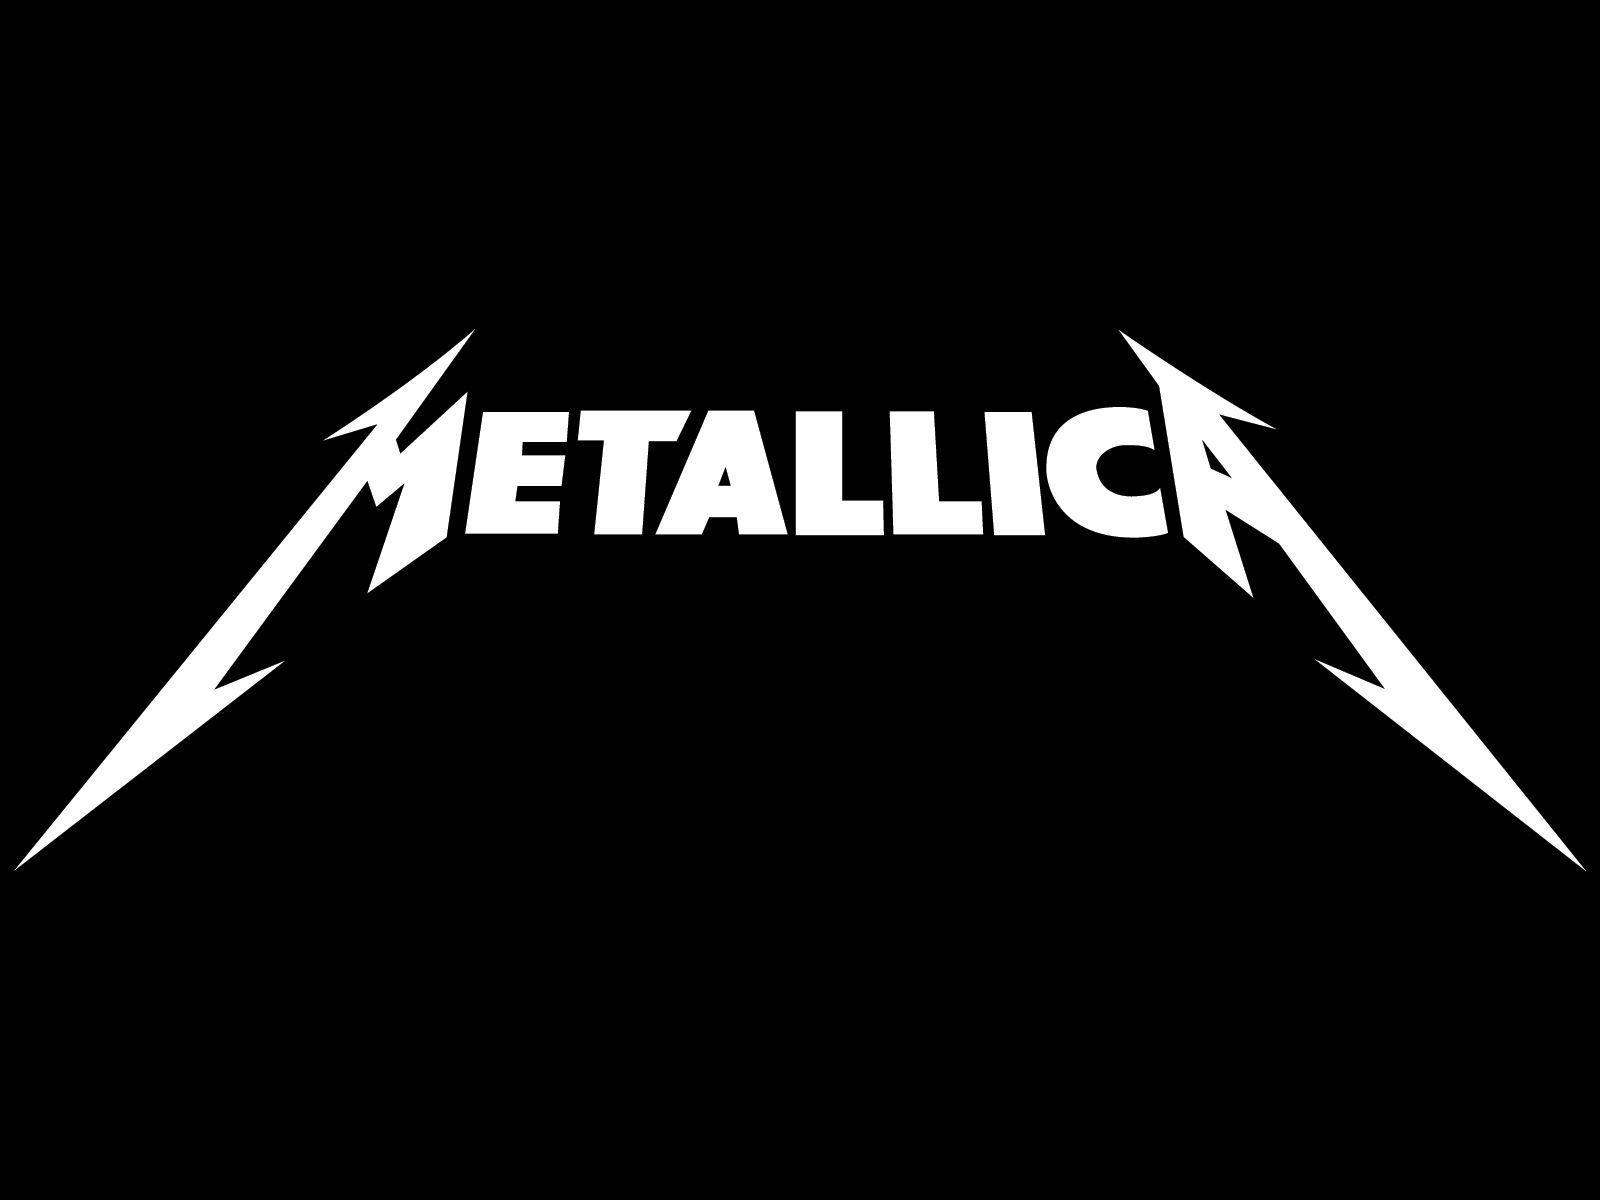 logos creativos metallica